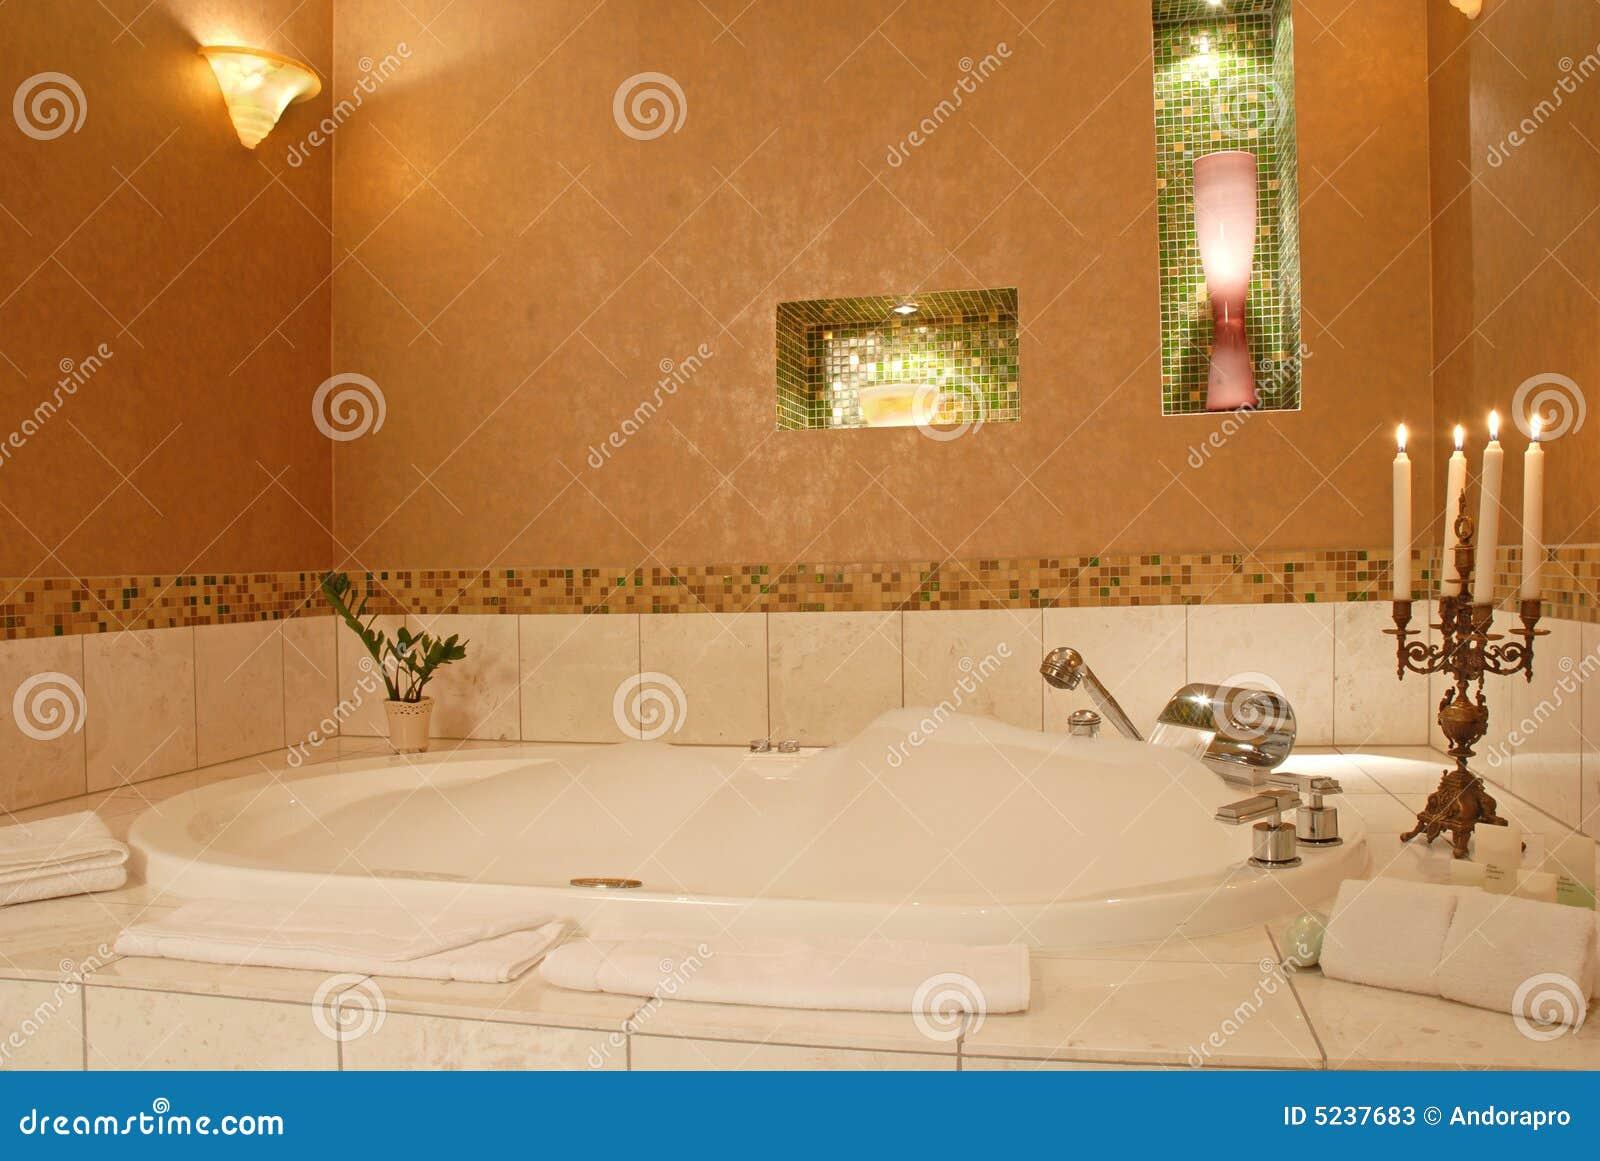 Banheiro Romântico Do Hotel De Luxo Fotos de Stock Imagem: 5237683 #8D4811 1300x960 Banheiro De Luxo Pequeno